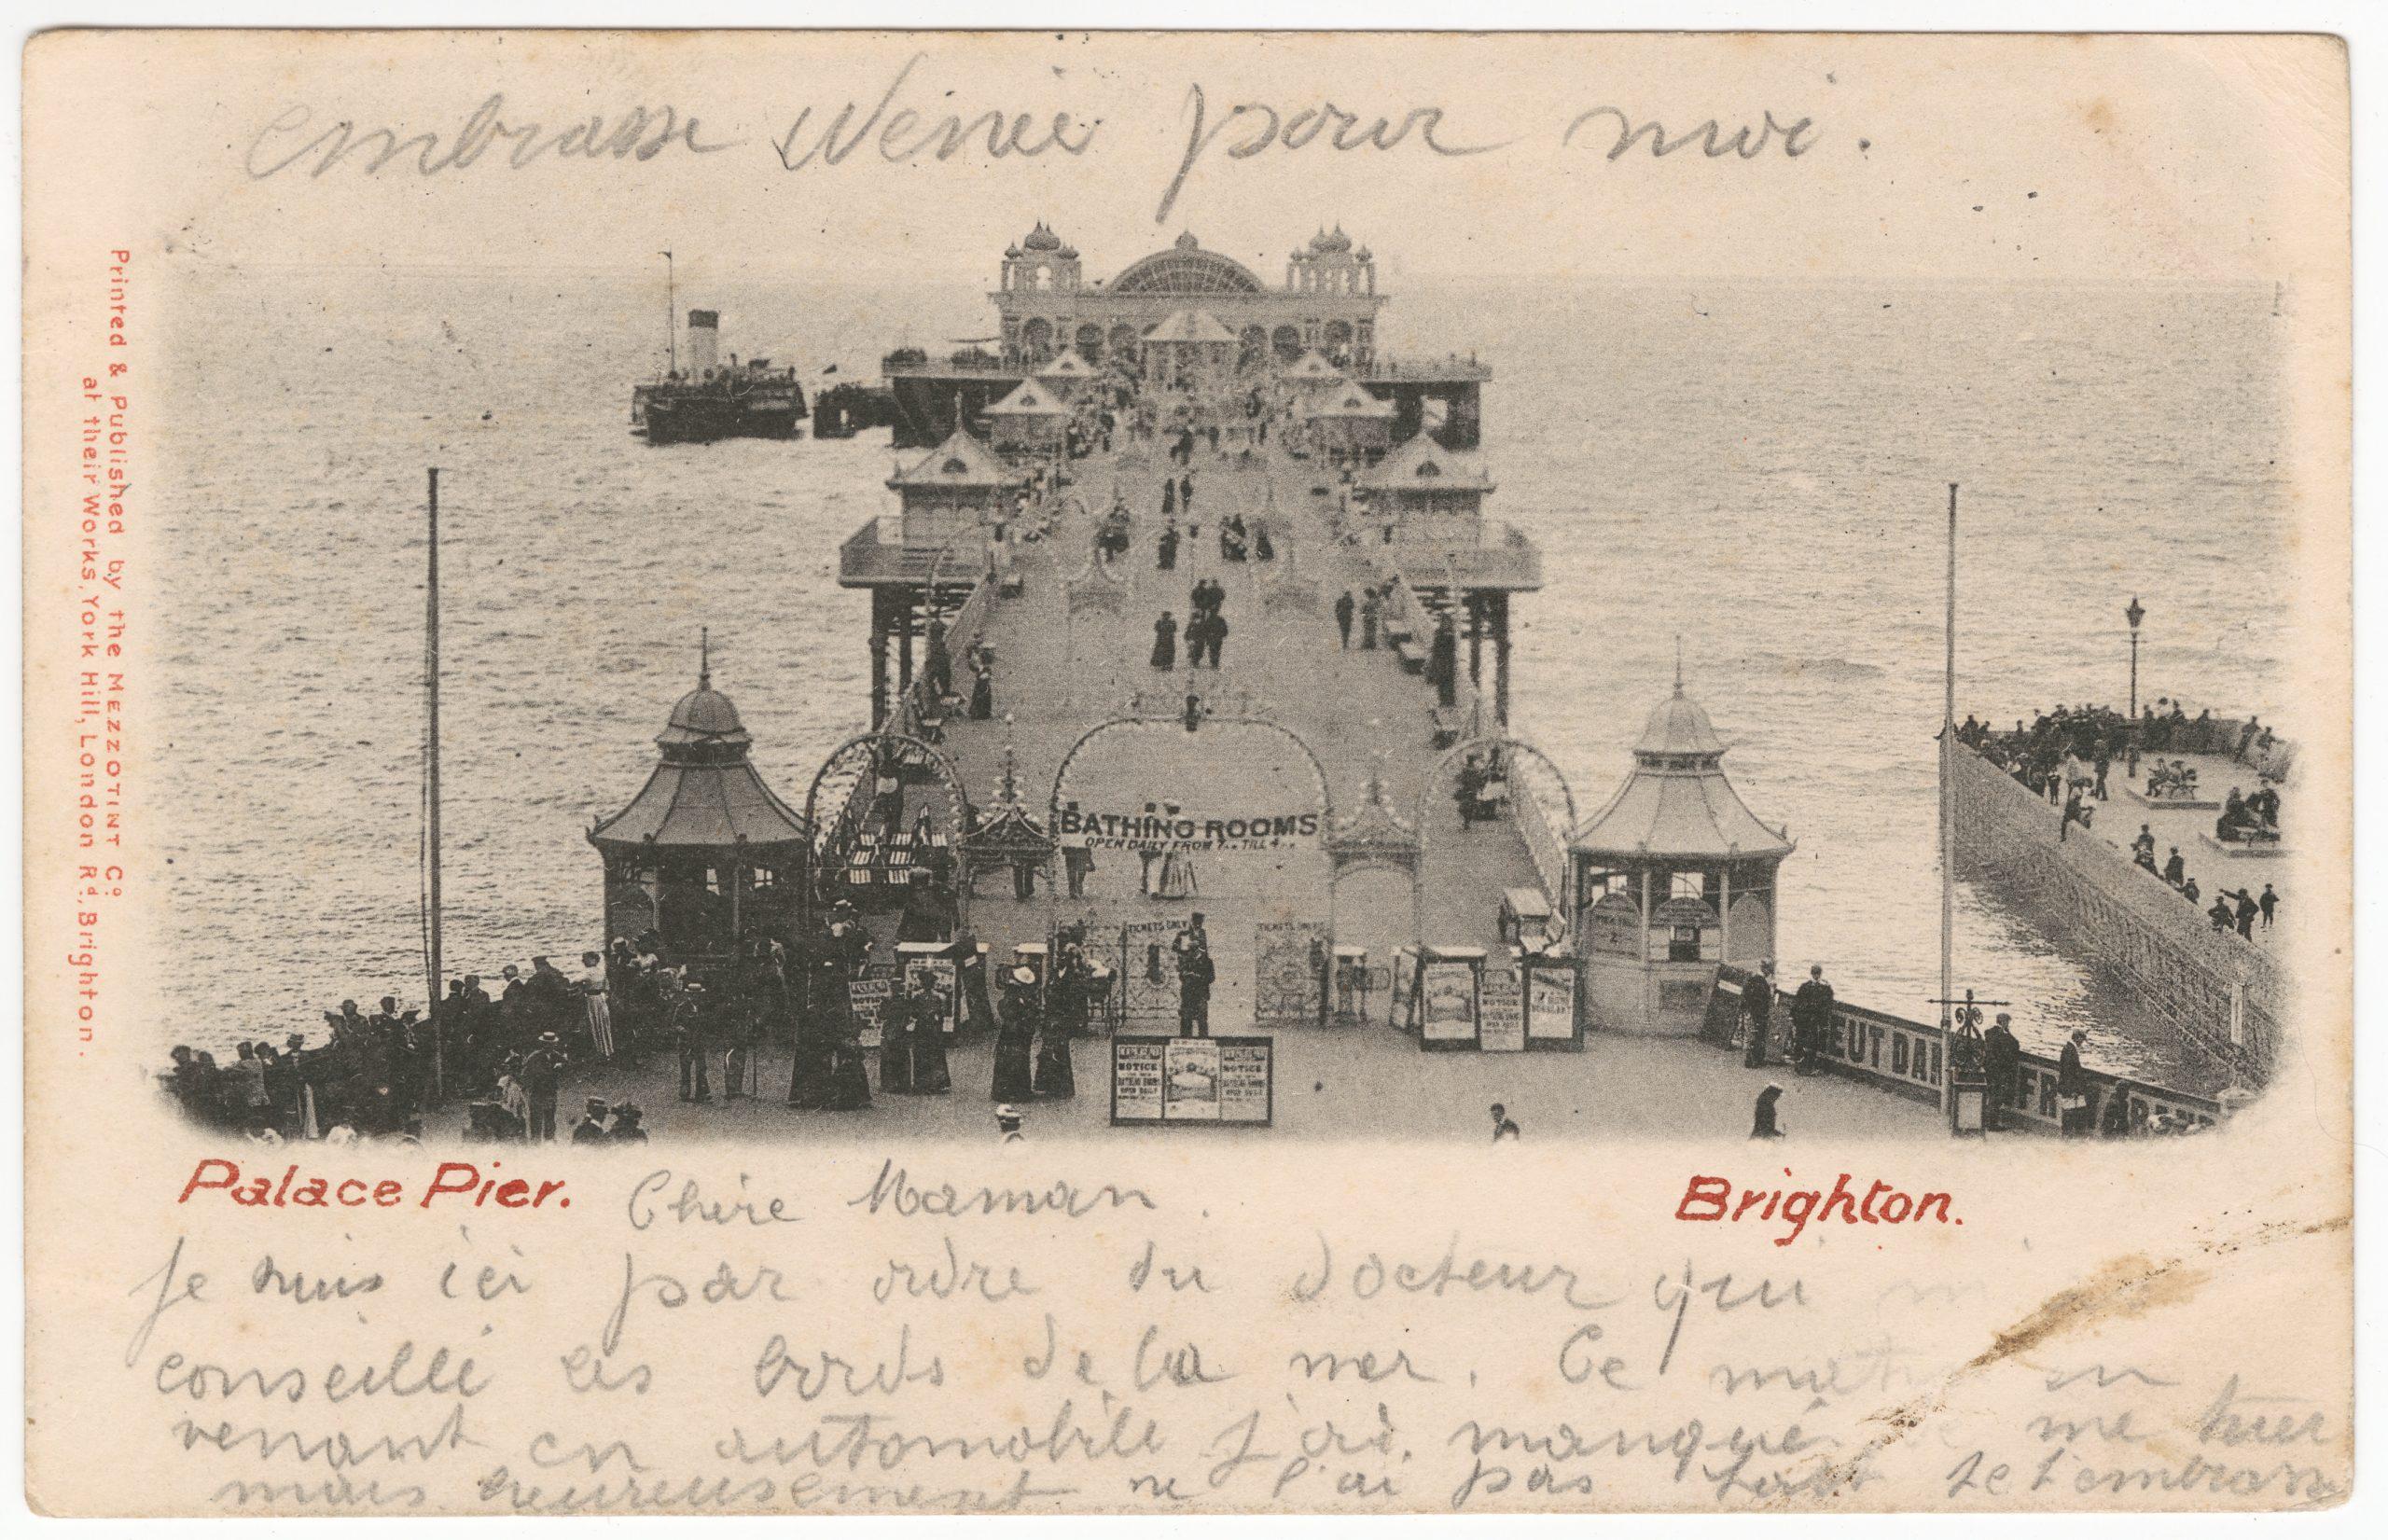 'Palace Pier, Brighton' Postcard, 1902, PH64Y/30 (item not in exhibition)